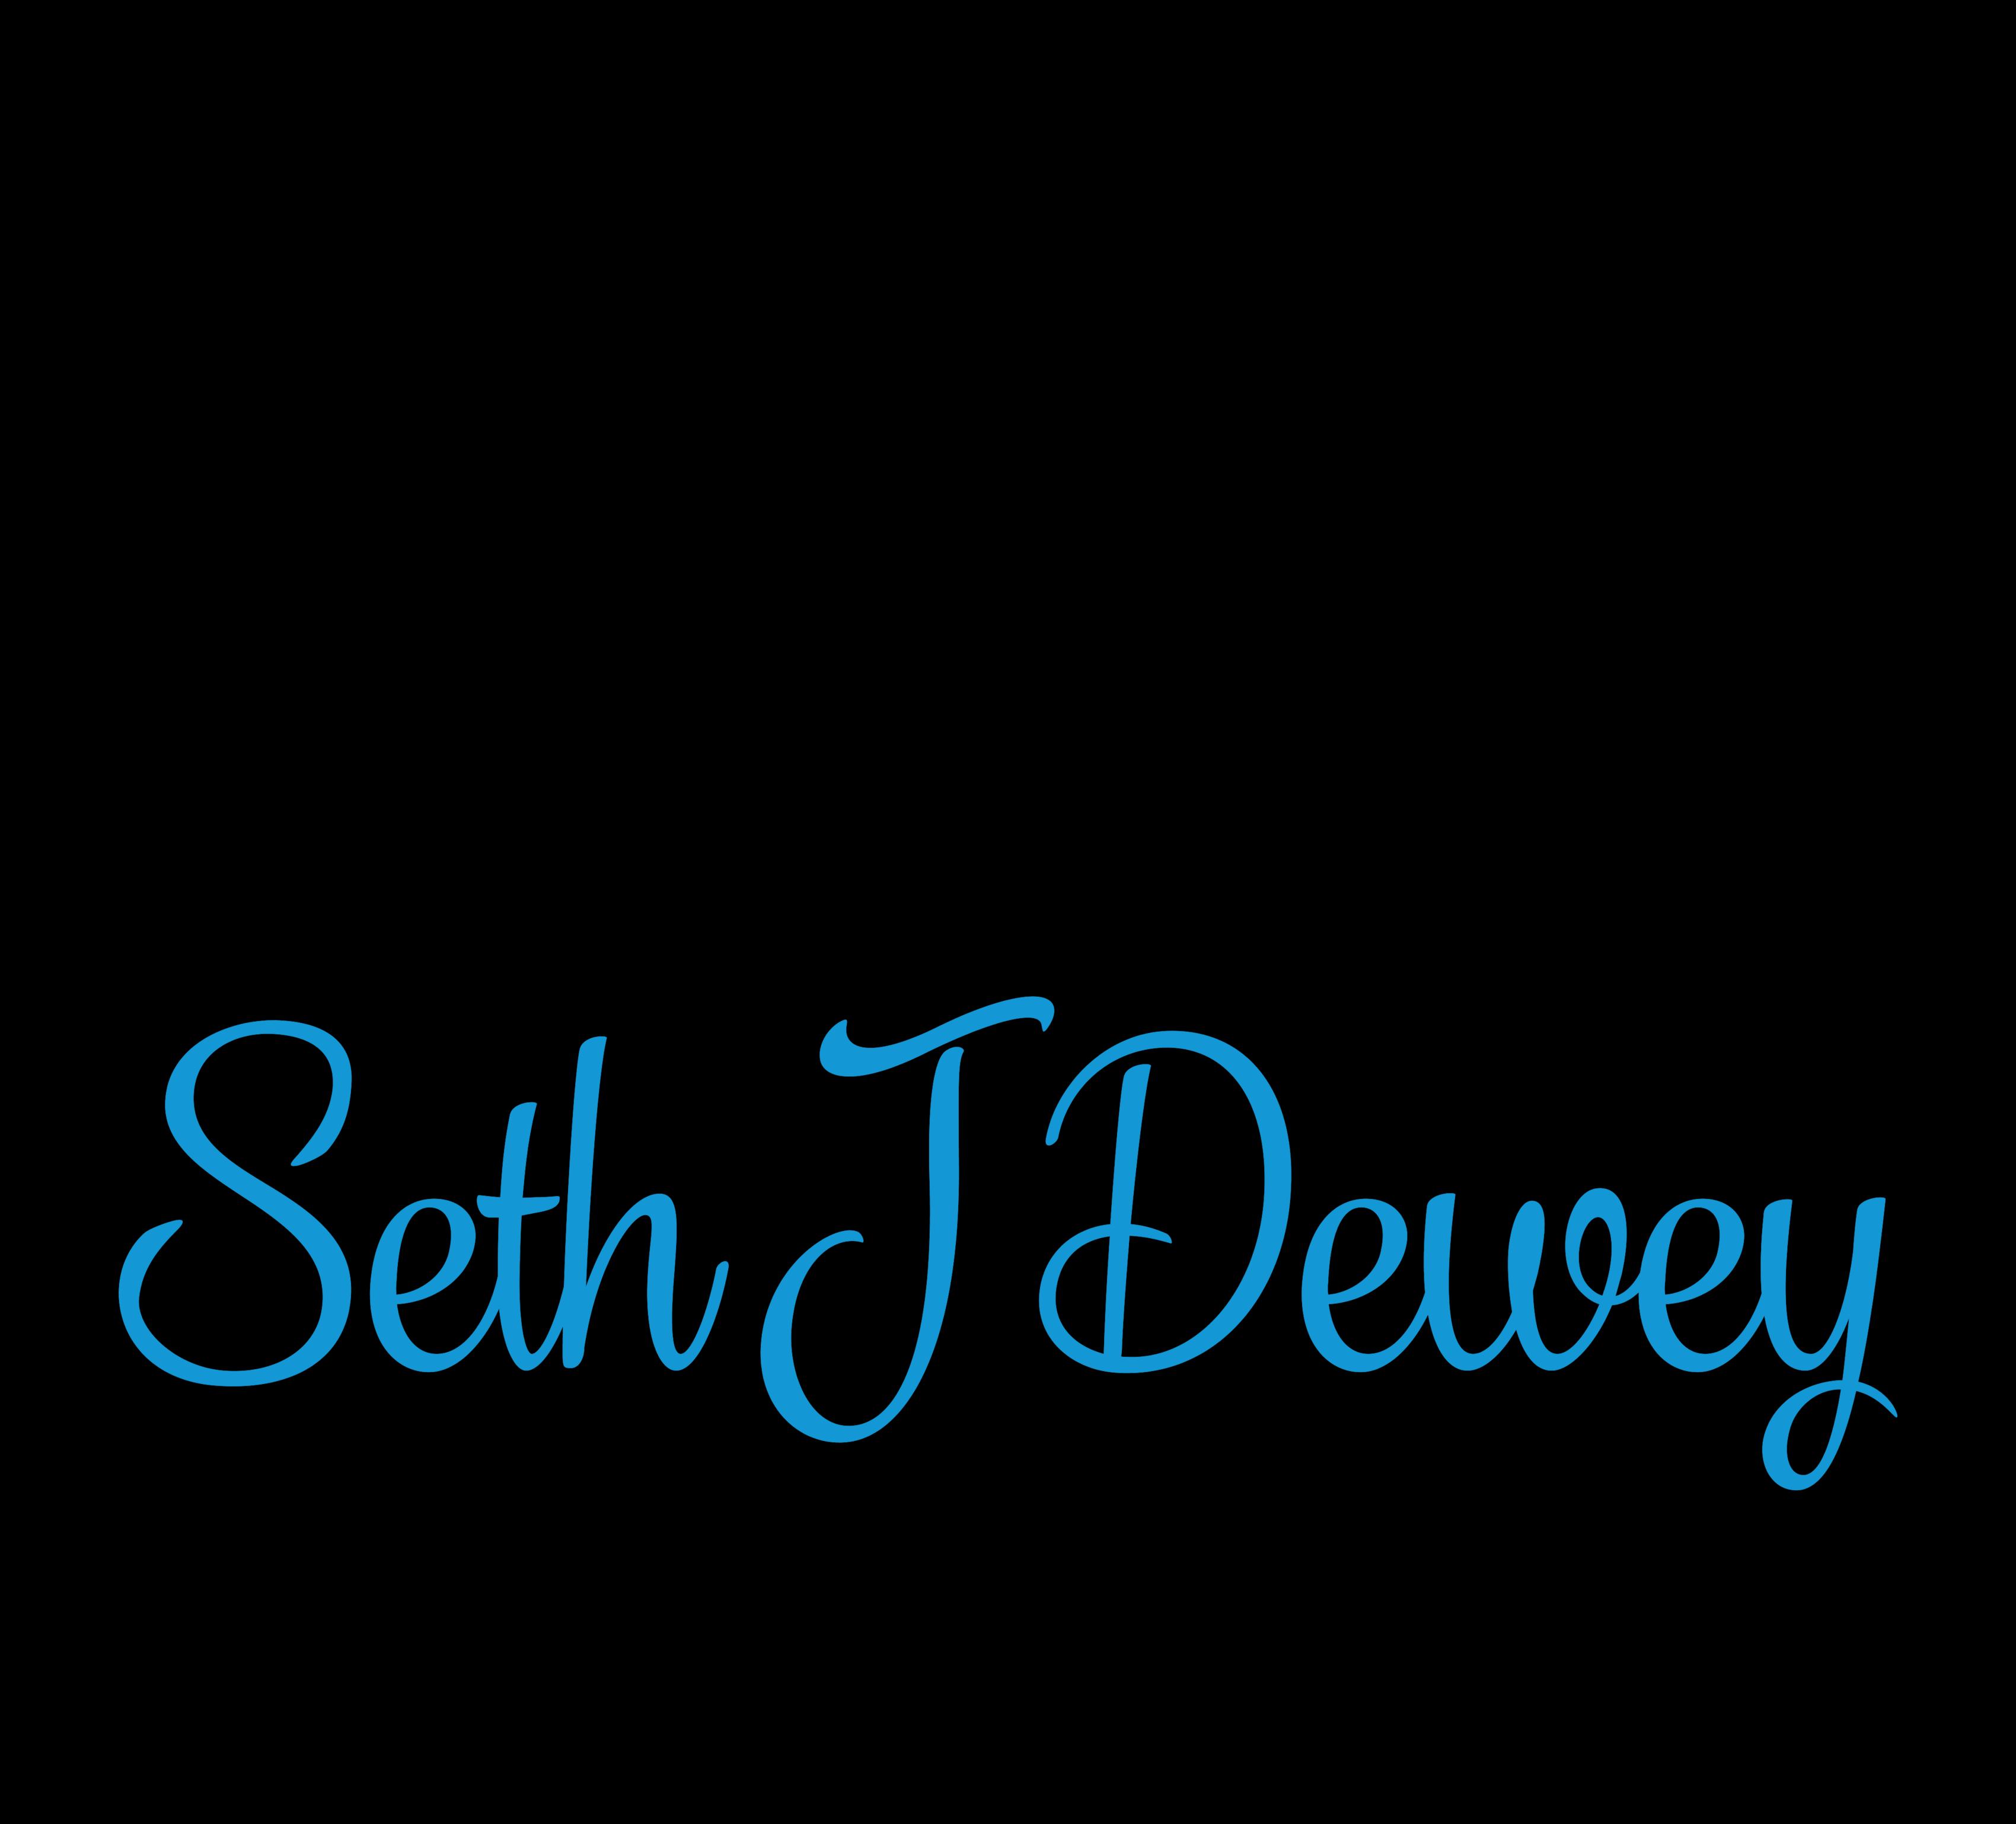 Seth J Dewey